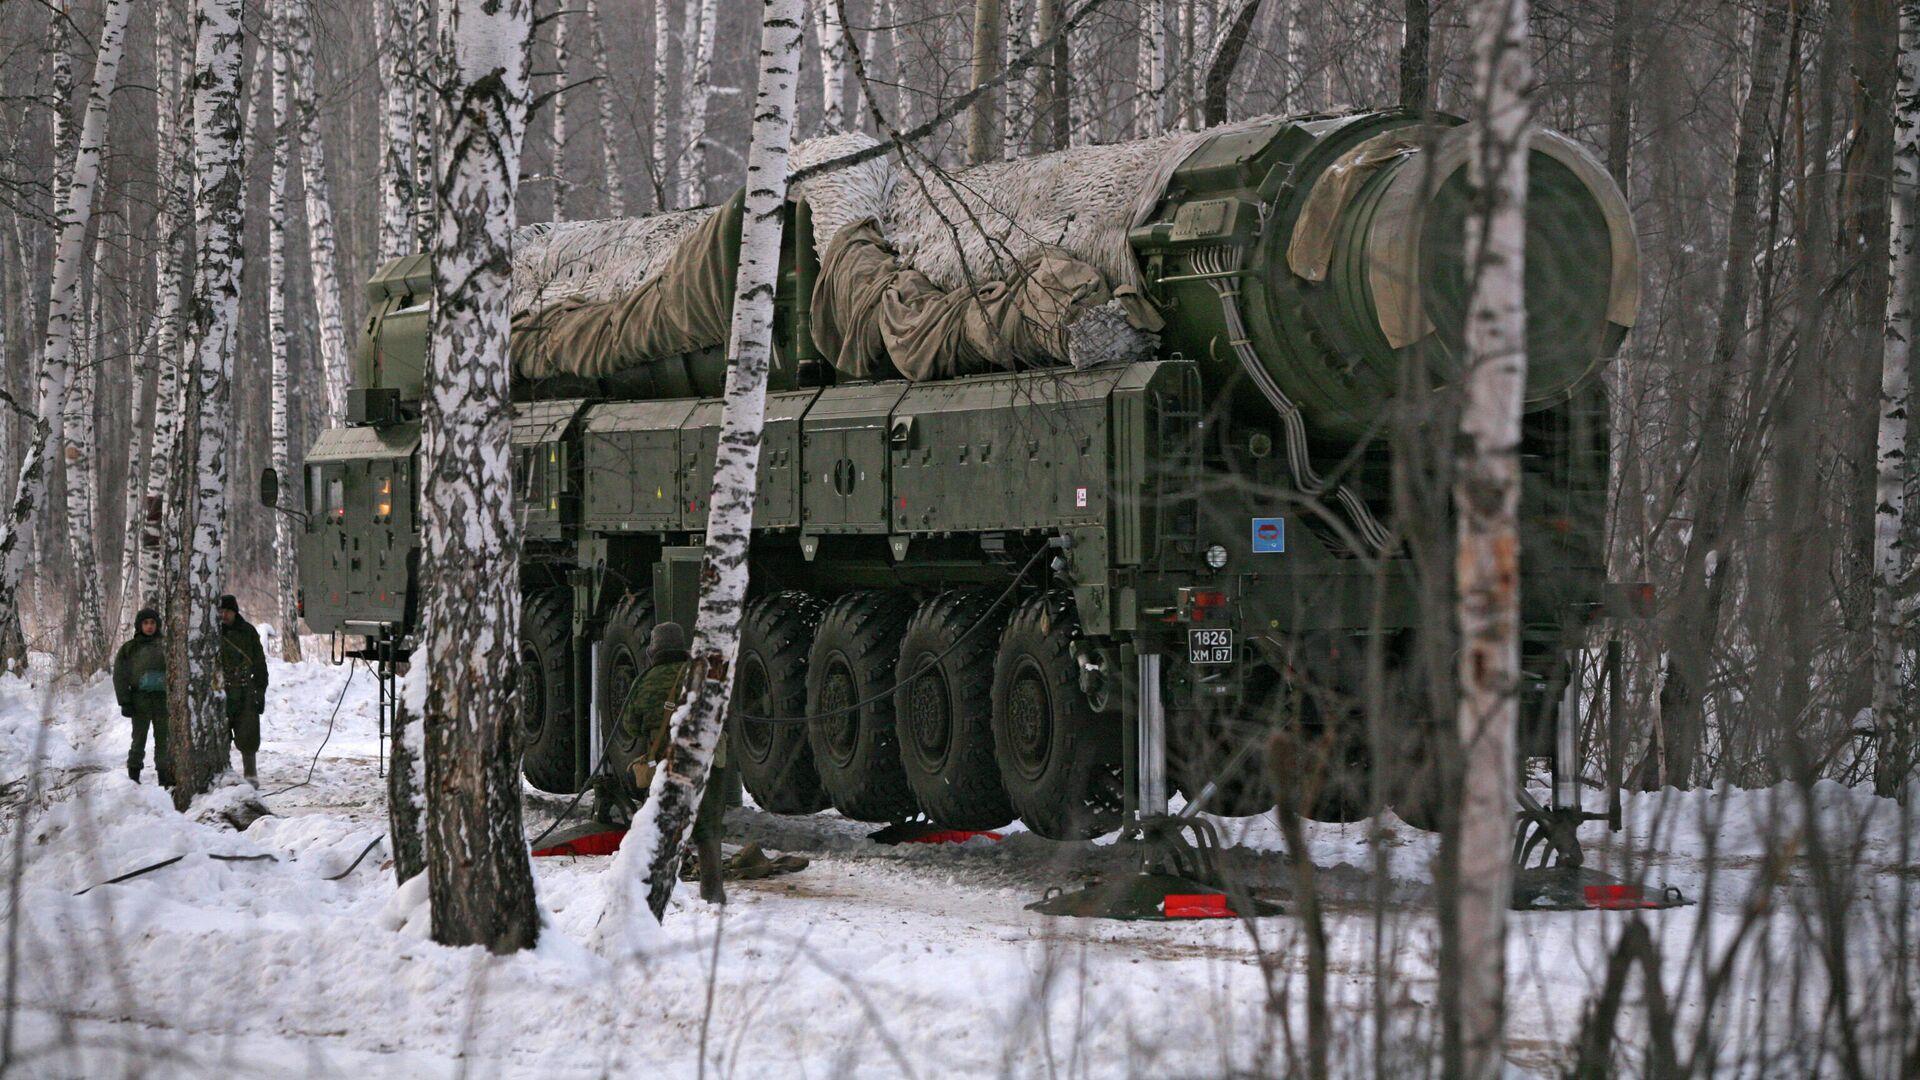 Ракетный комплекс Тополь на полигоне в Новосибирской области - РИА Новости, 1920, 01.05.2021